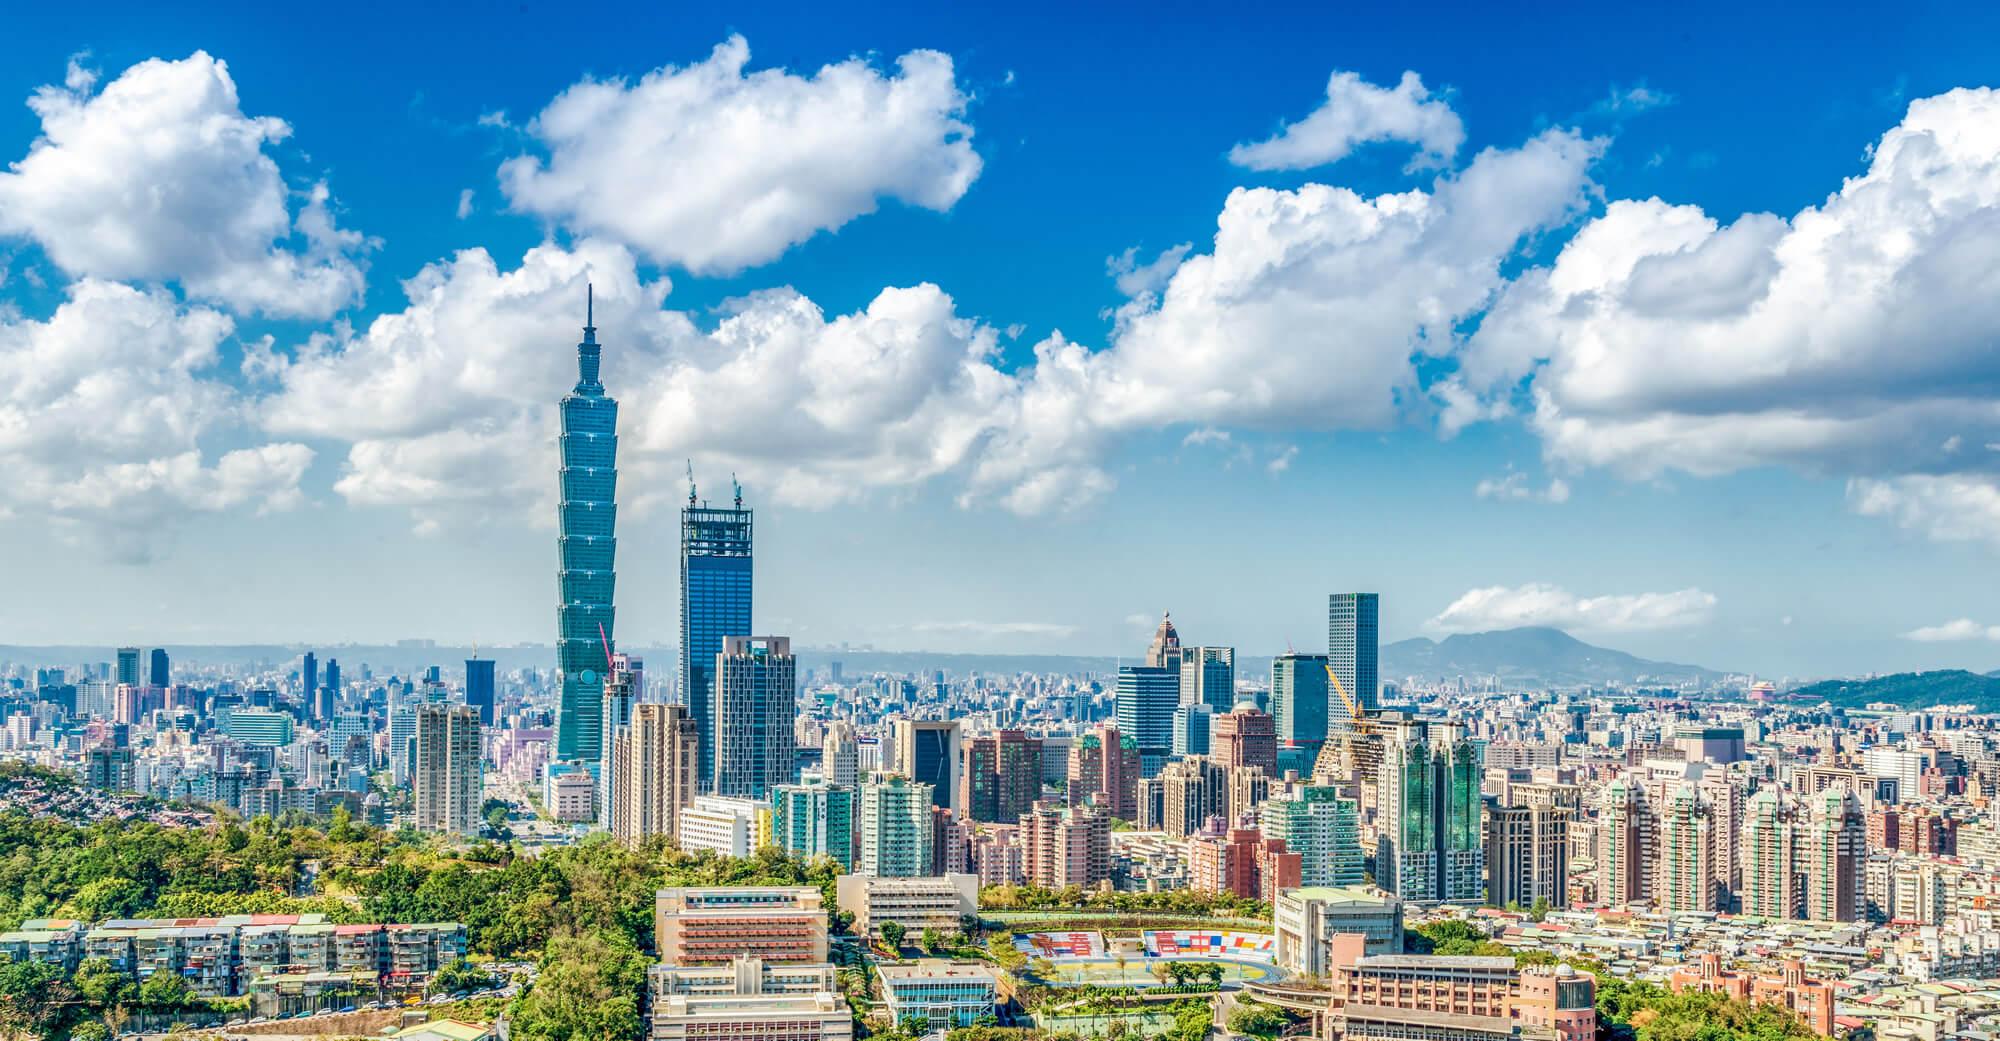 Panoramic of Taipei city, Taiwan